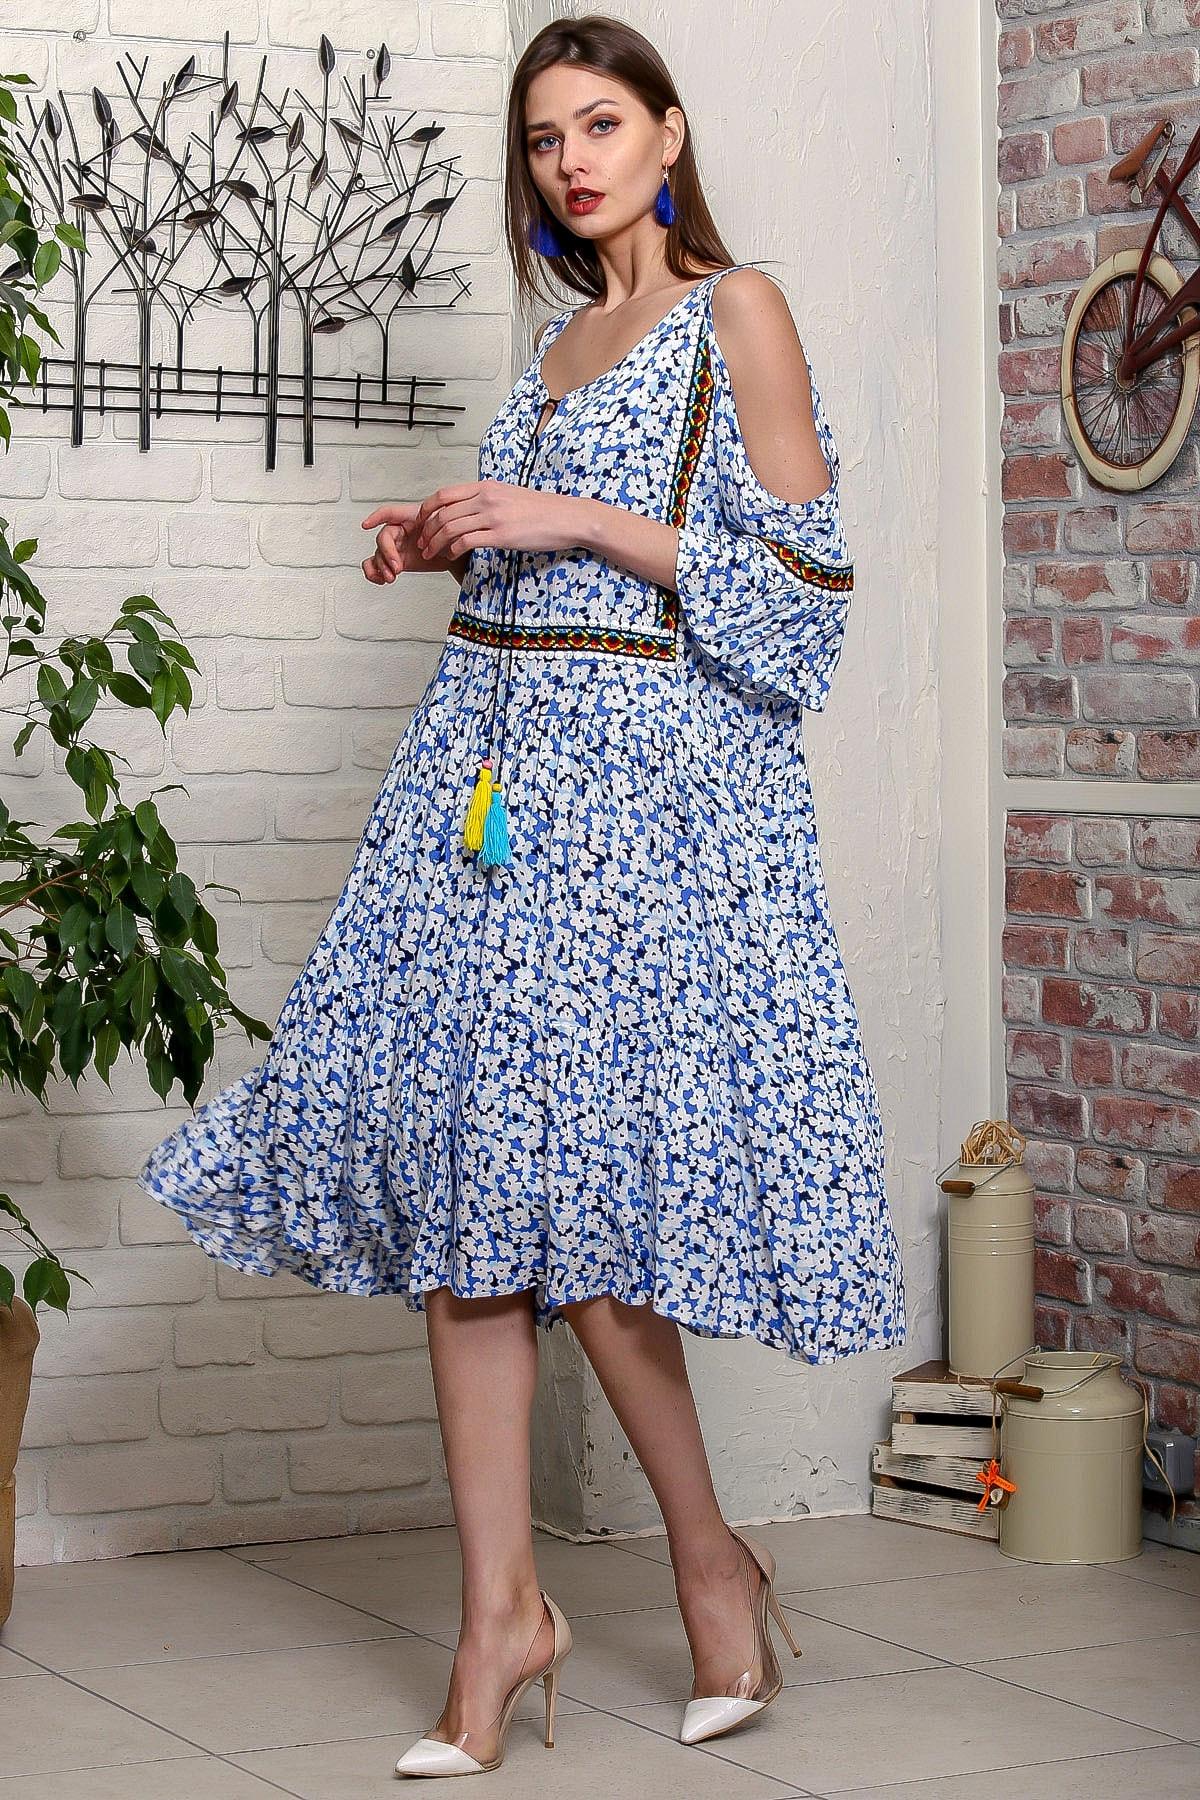 Chiccy Kadın Mavi Omuzları Pencereli Çıtır Çiçek Desenli Tribal Şeritli Salaş Midi Elbise